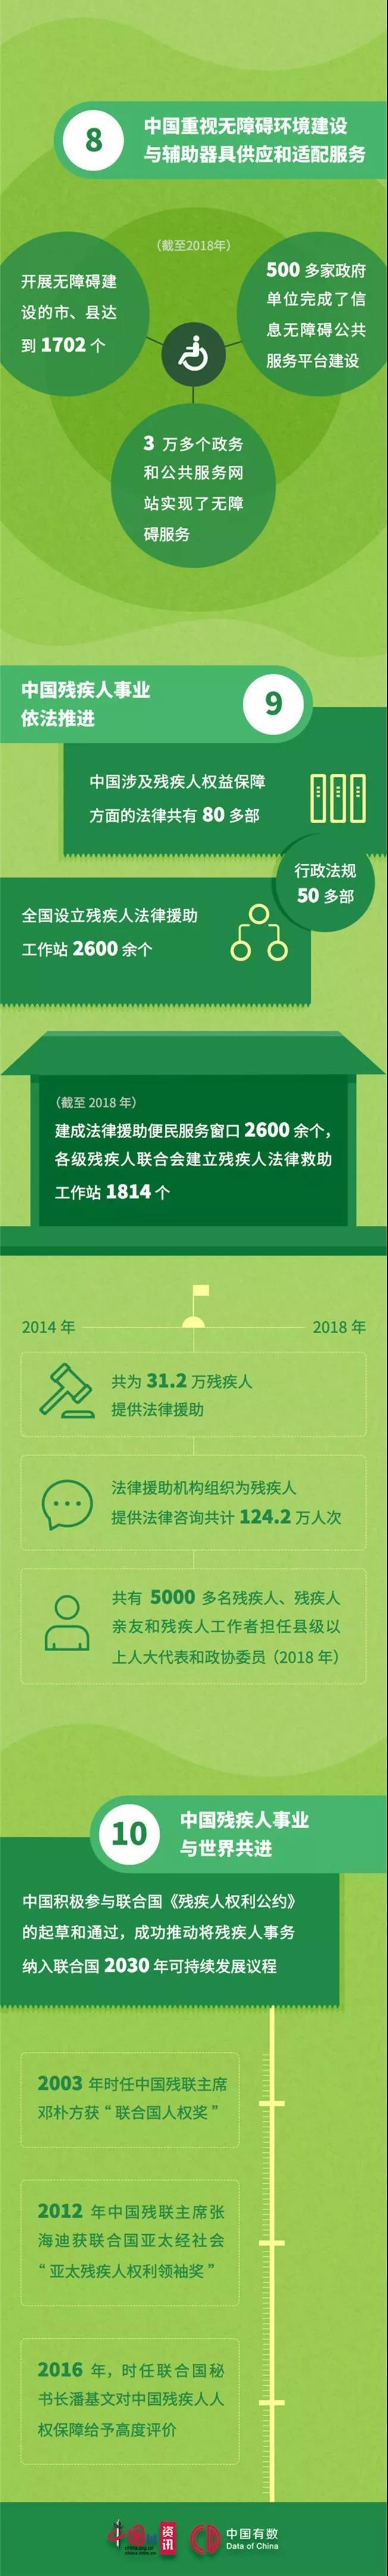 一图读懂《平等、参与、共享:中国残疾人权益保障70年》